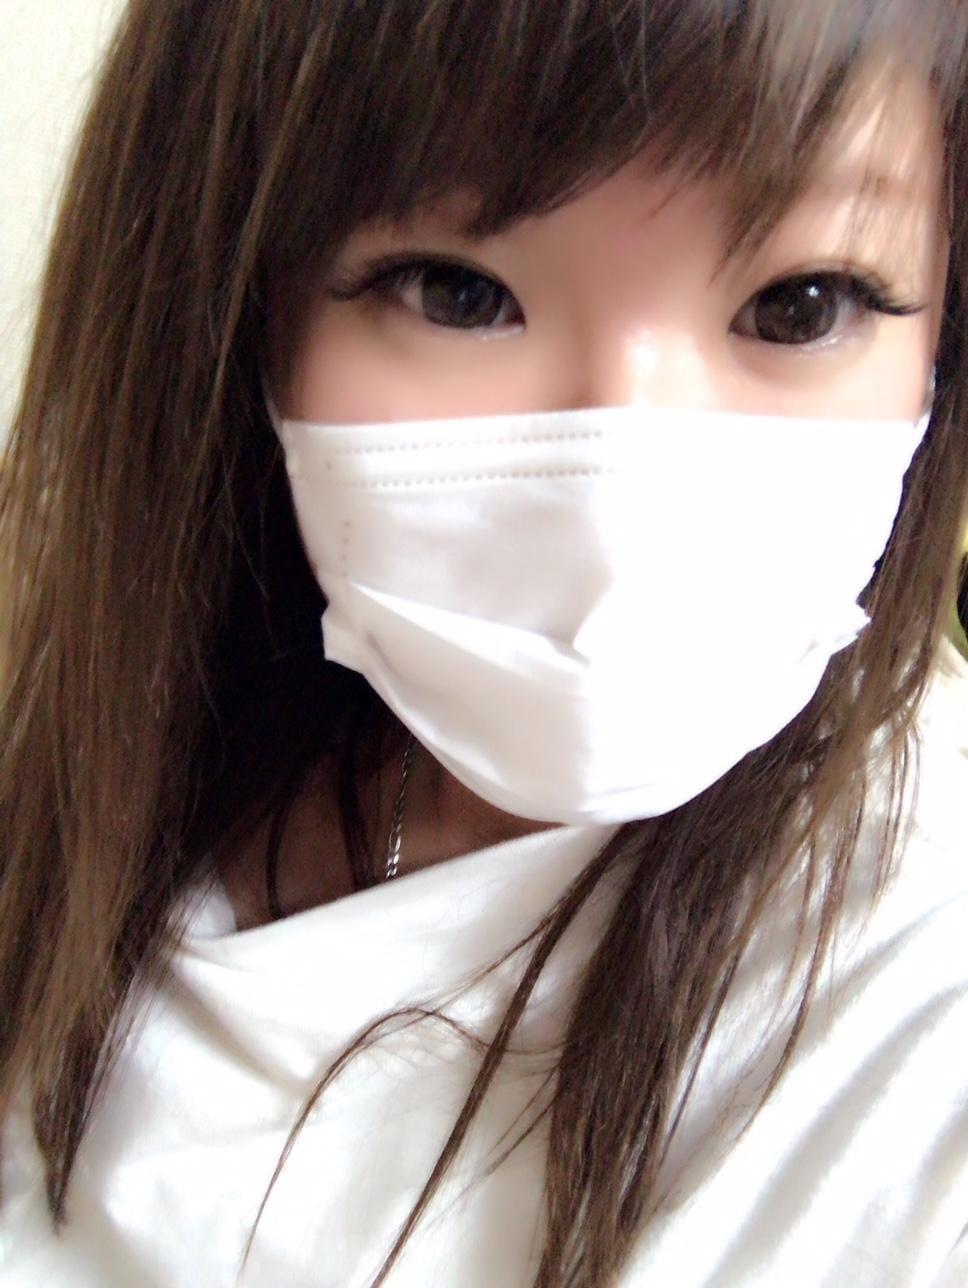 https://s3-ap-northeast-1.amazonaws.com/files.fuzoku.jp/img/shop/kamign/diary/15573279/d_0_20180126182826869.jpeg